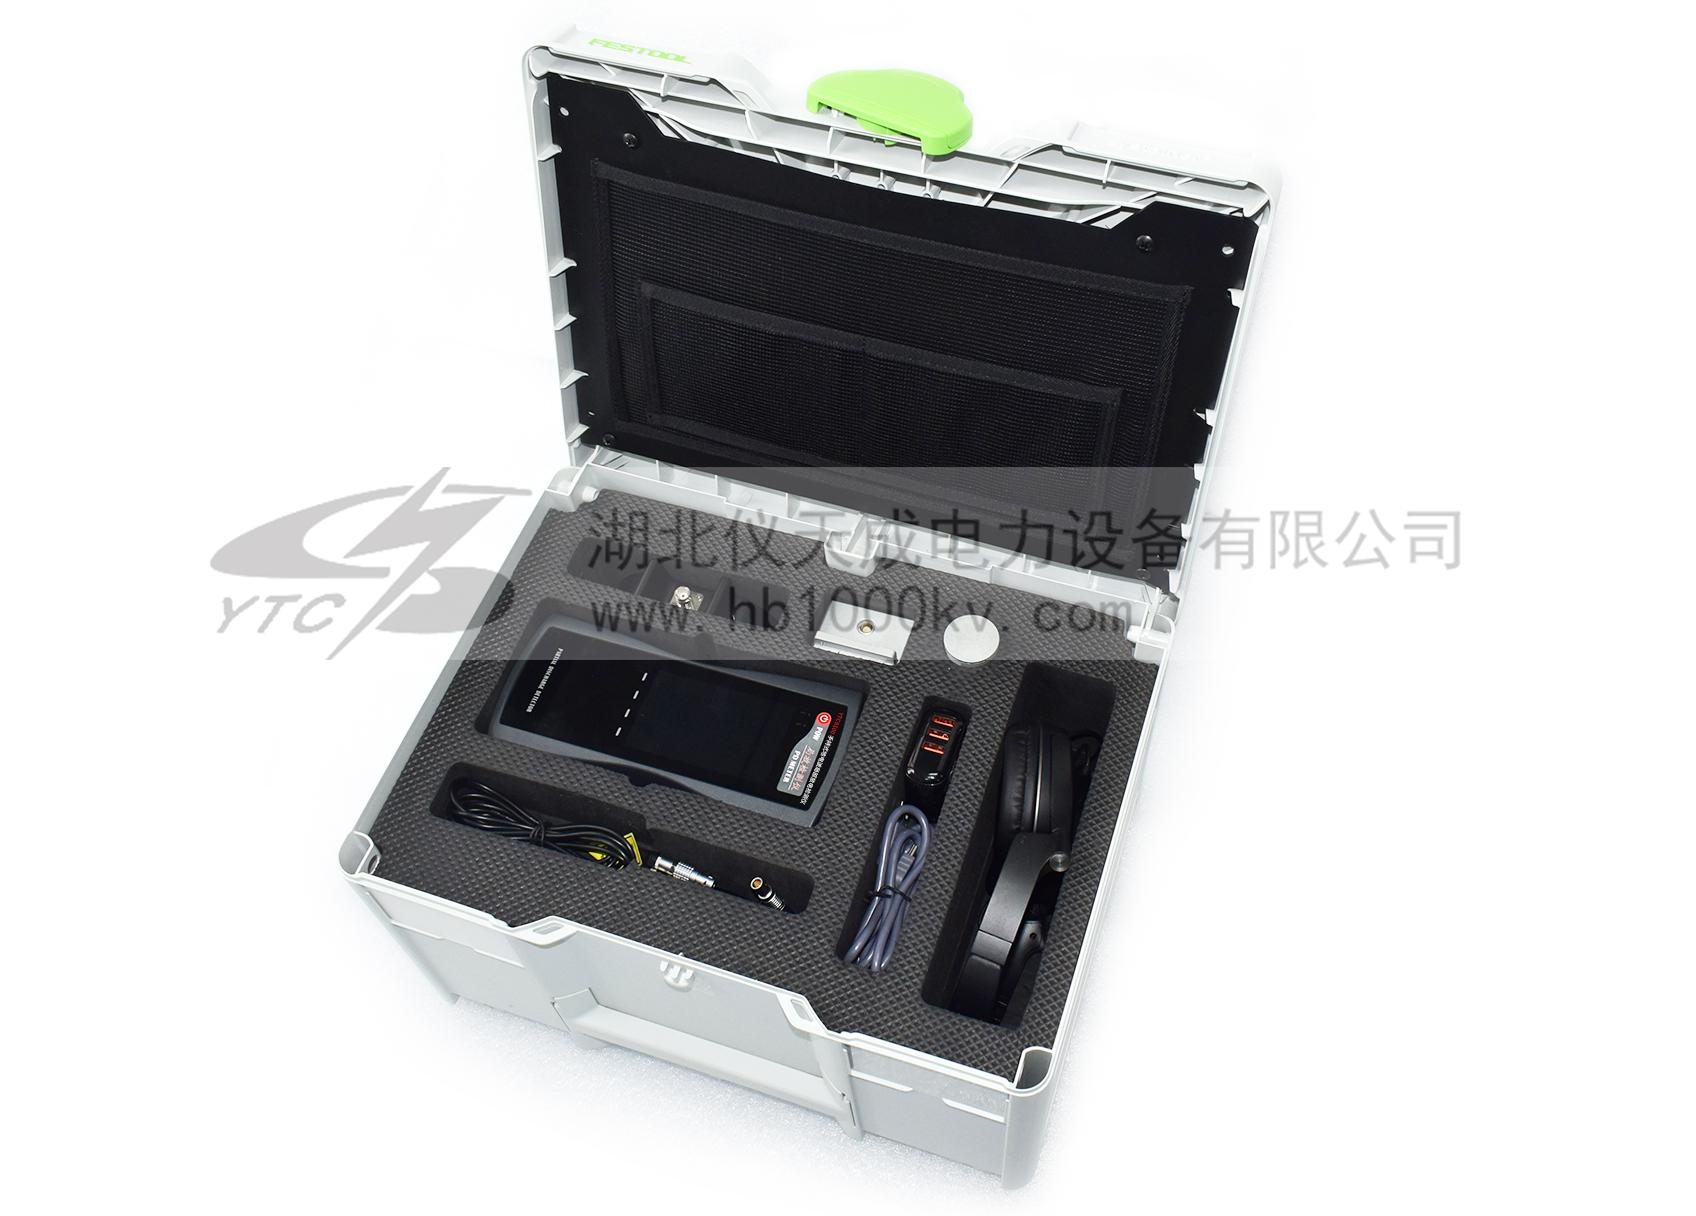 YTC9100手持式地电波局部放电检测仪